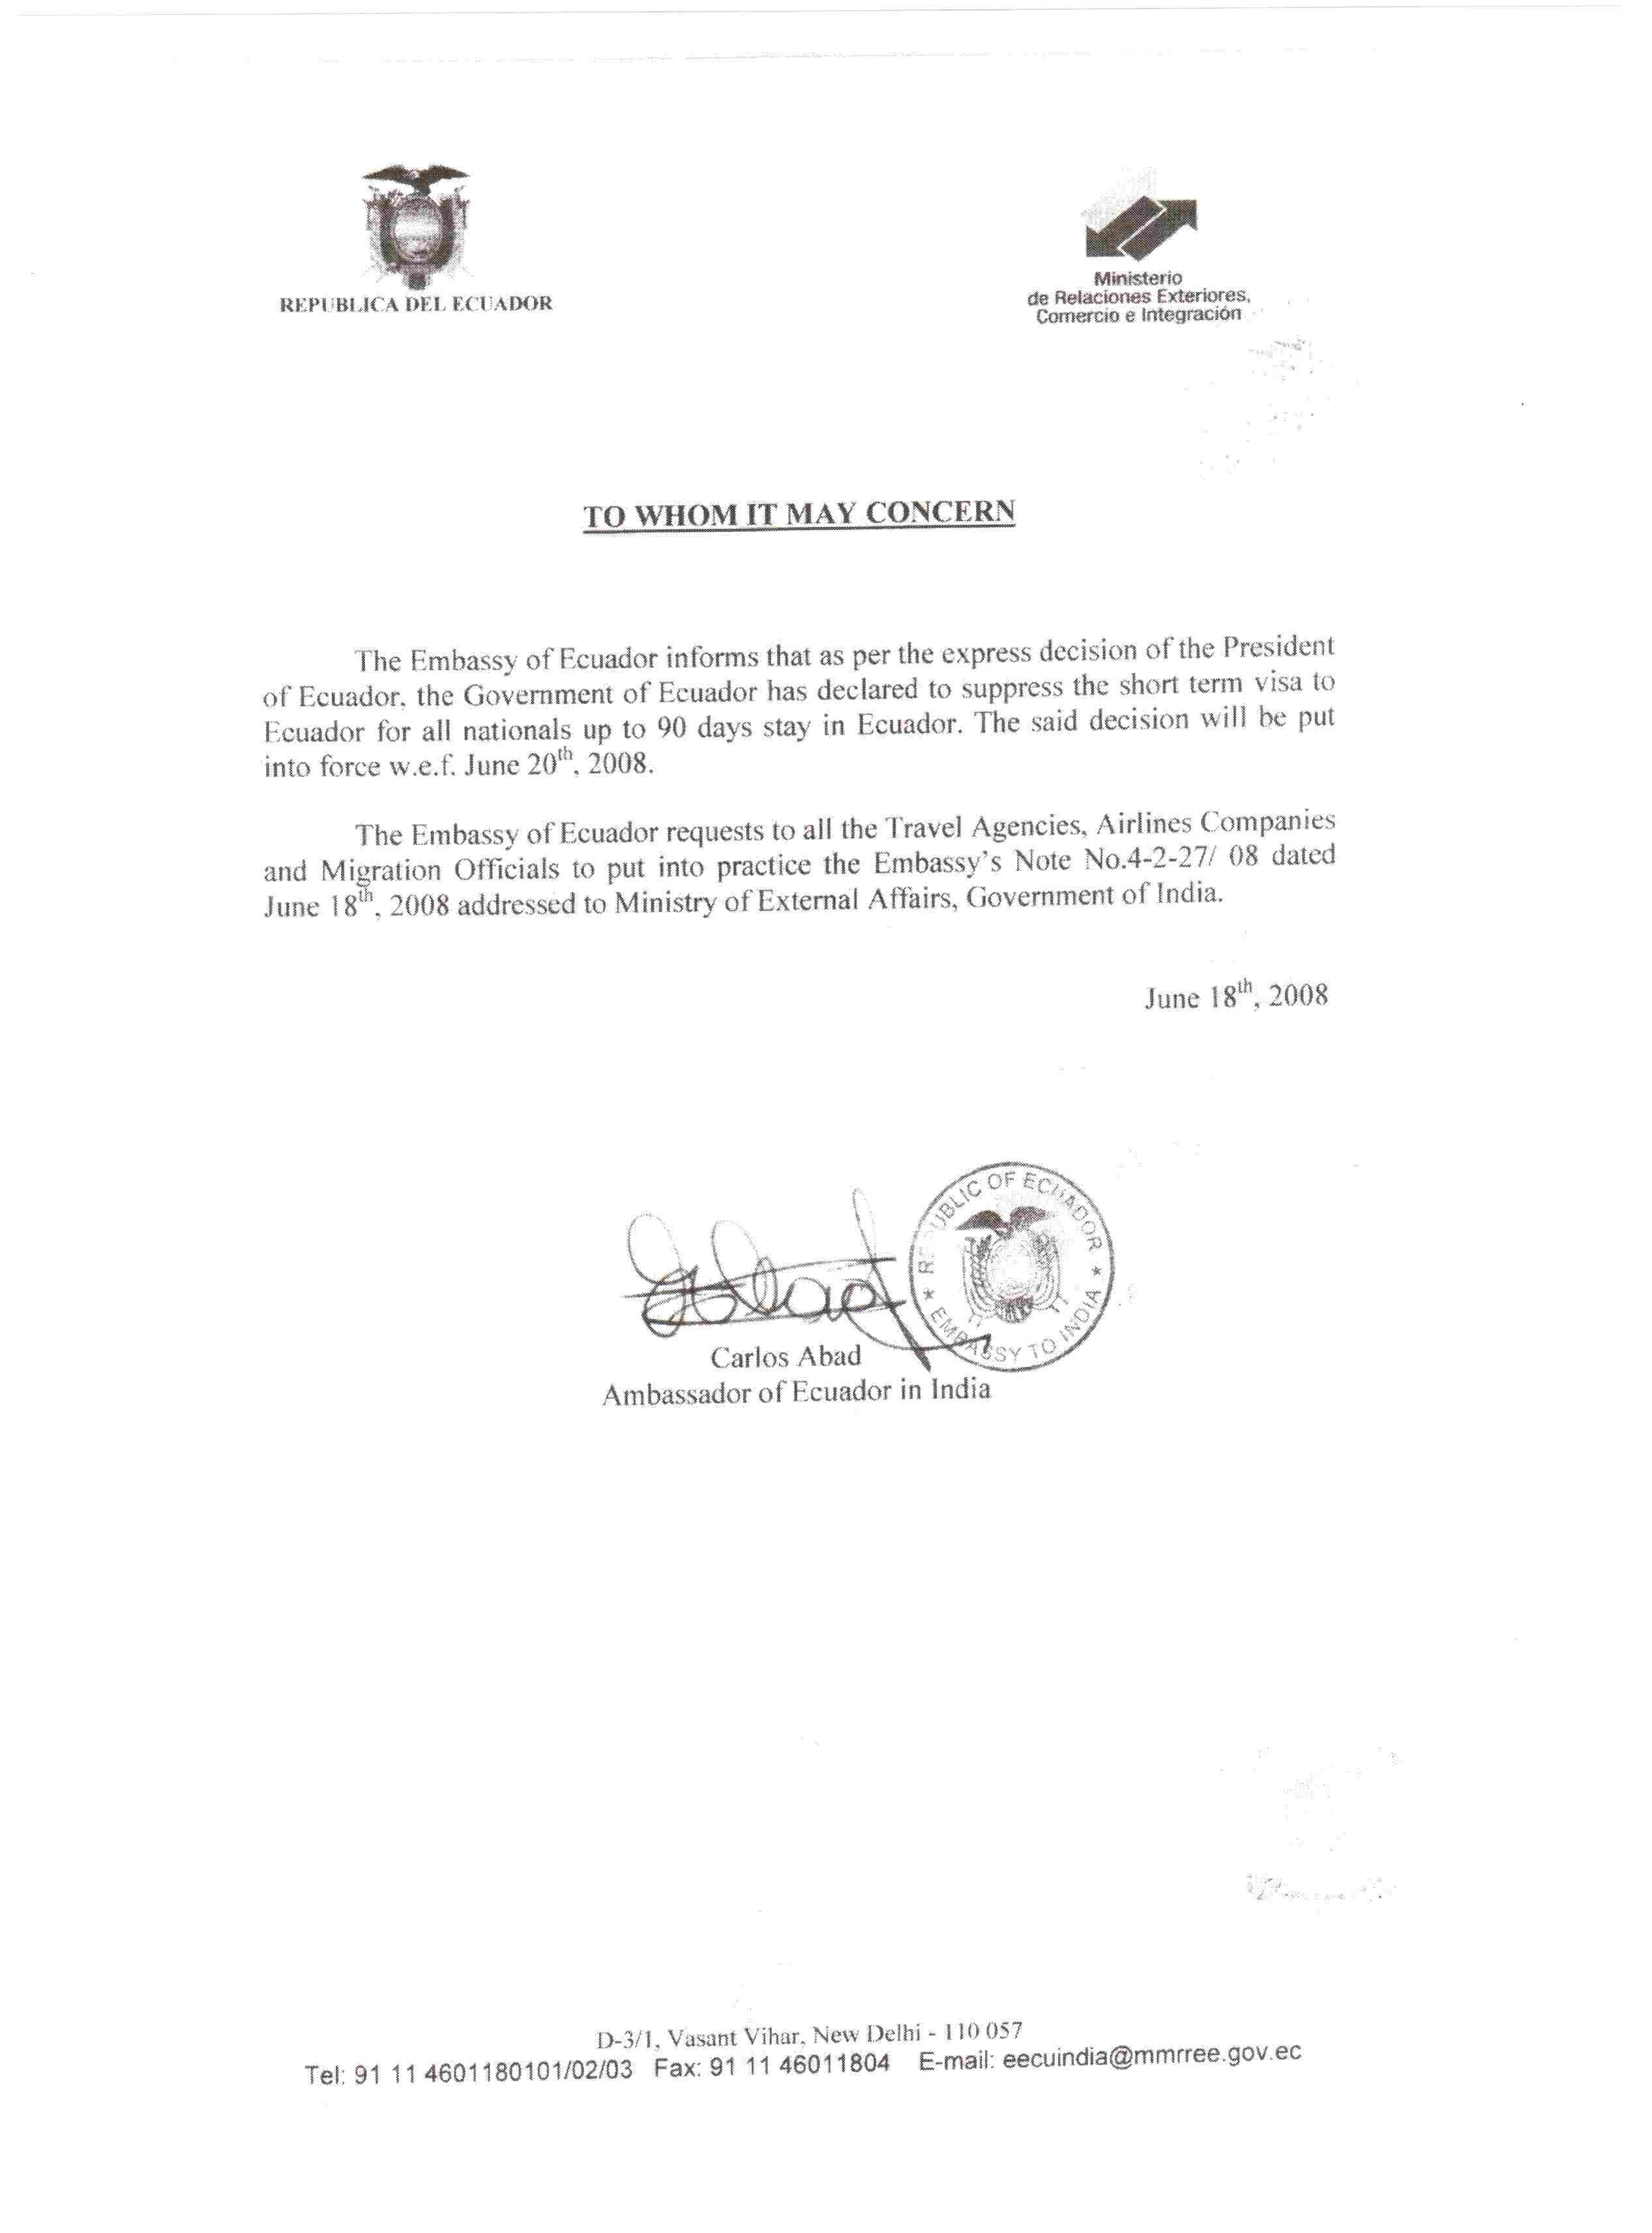 Contoh Invitation Letter Untuk Visa Indonesia Musica